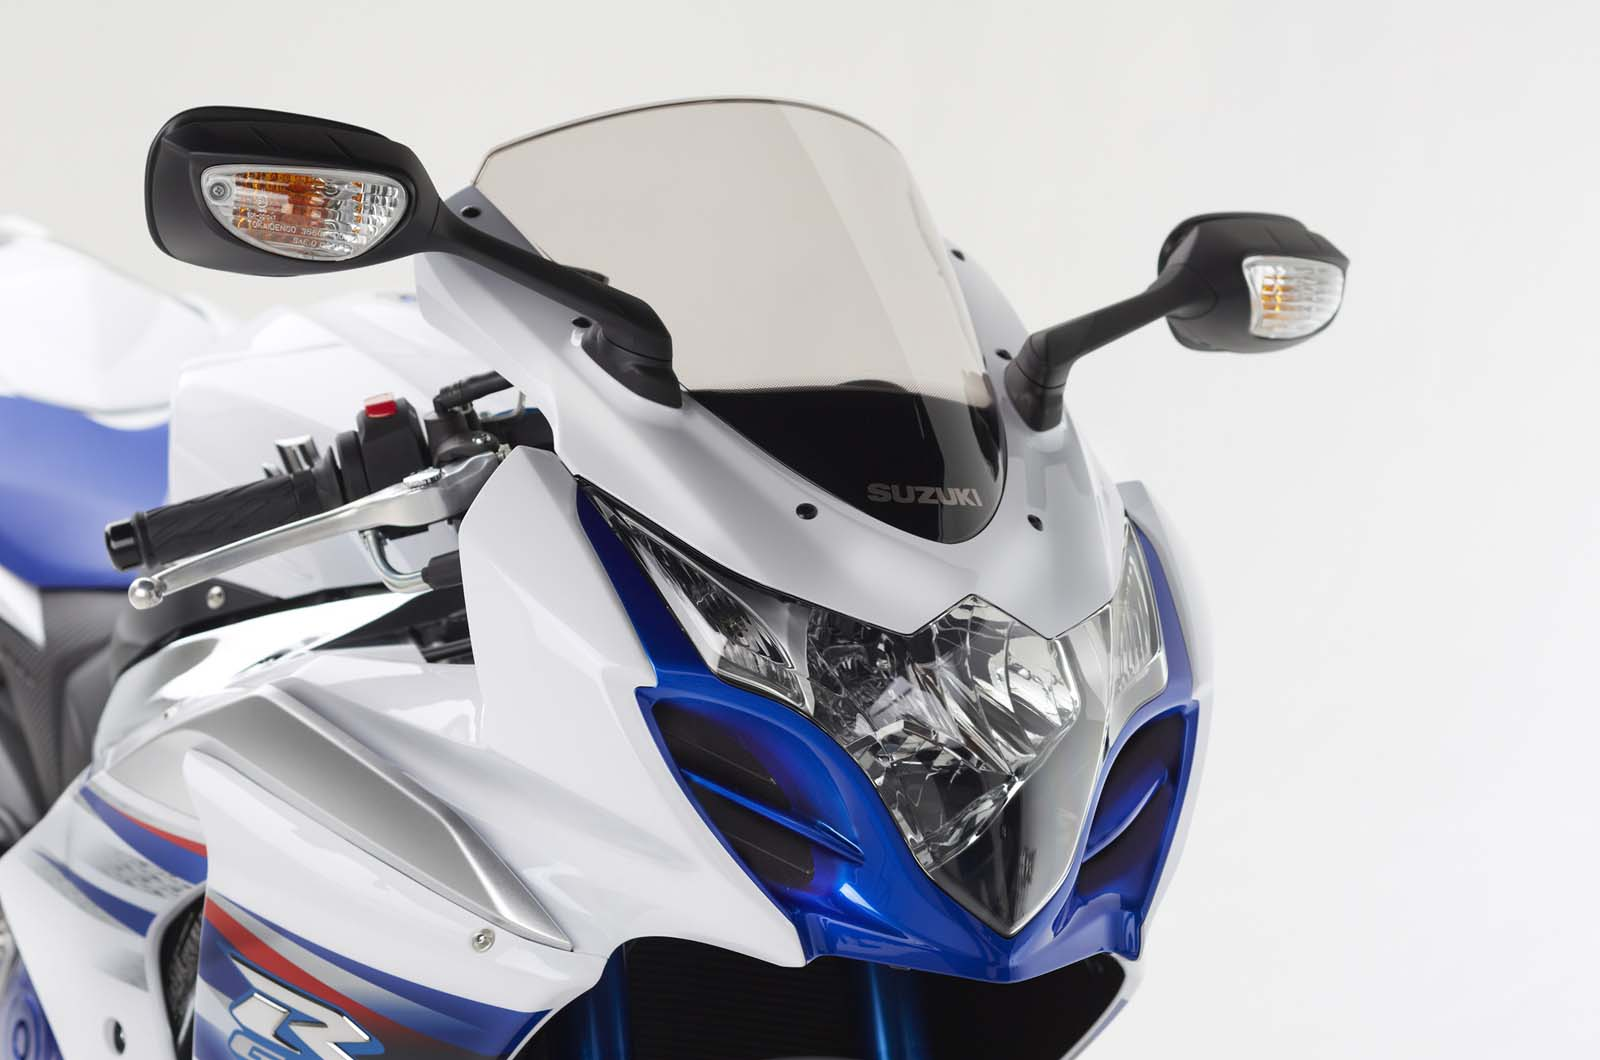 2014 suzuki gsx-r1000 se limited production - asphalt & rubber